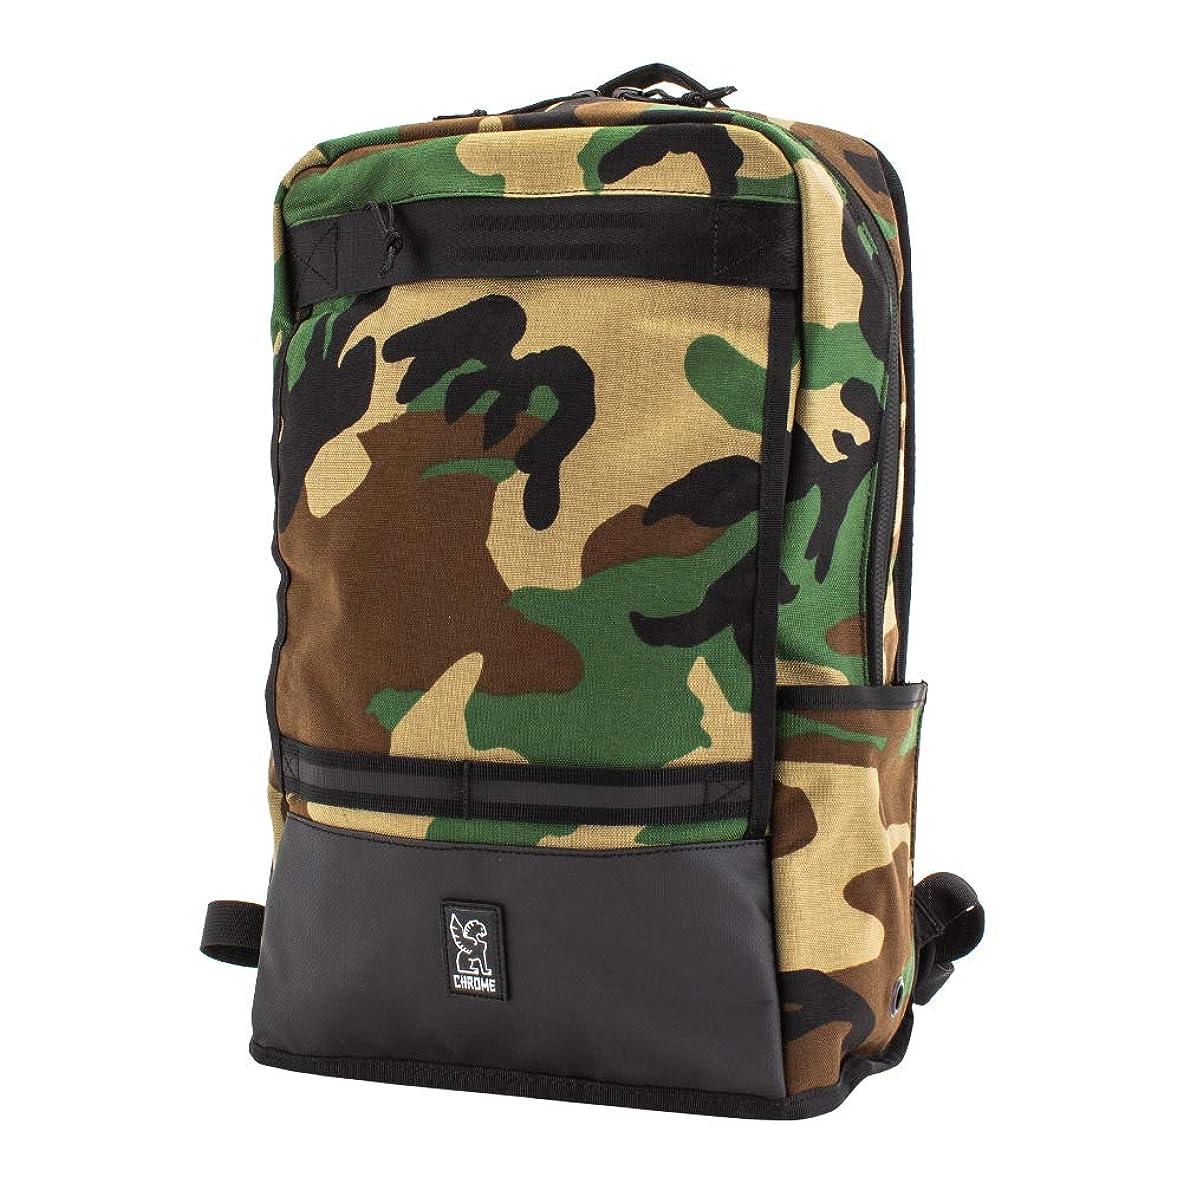 いらいらさせる買う敬の念[ クローム ] Chrome バックパック リュック 21L ホンドー BG-219 Hondo Backpacks メンズ レディース 通勤 通学 バッグ デイパック [並行輸入品]